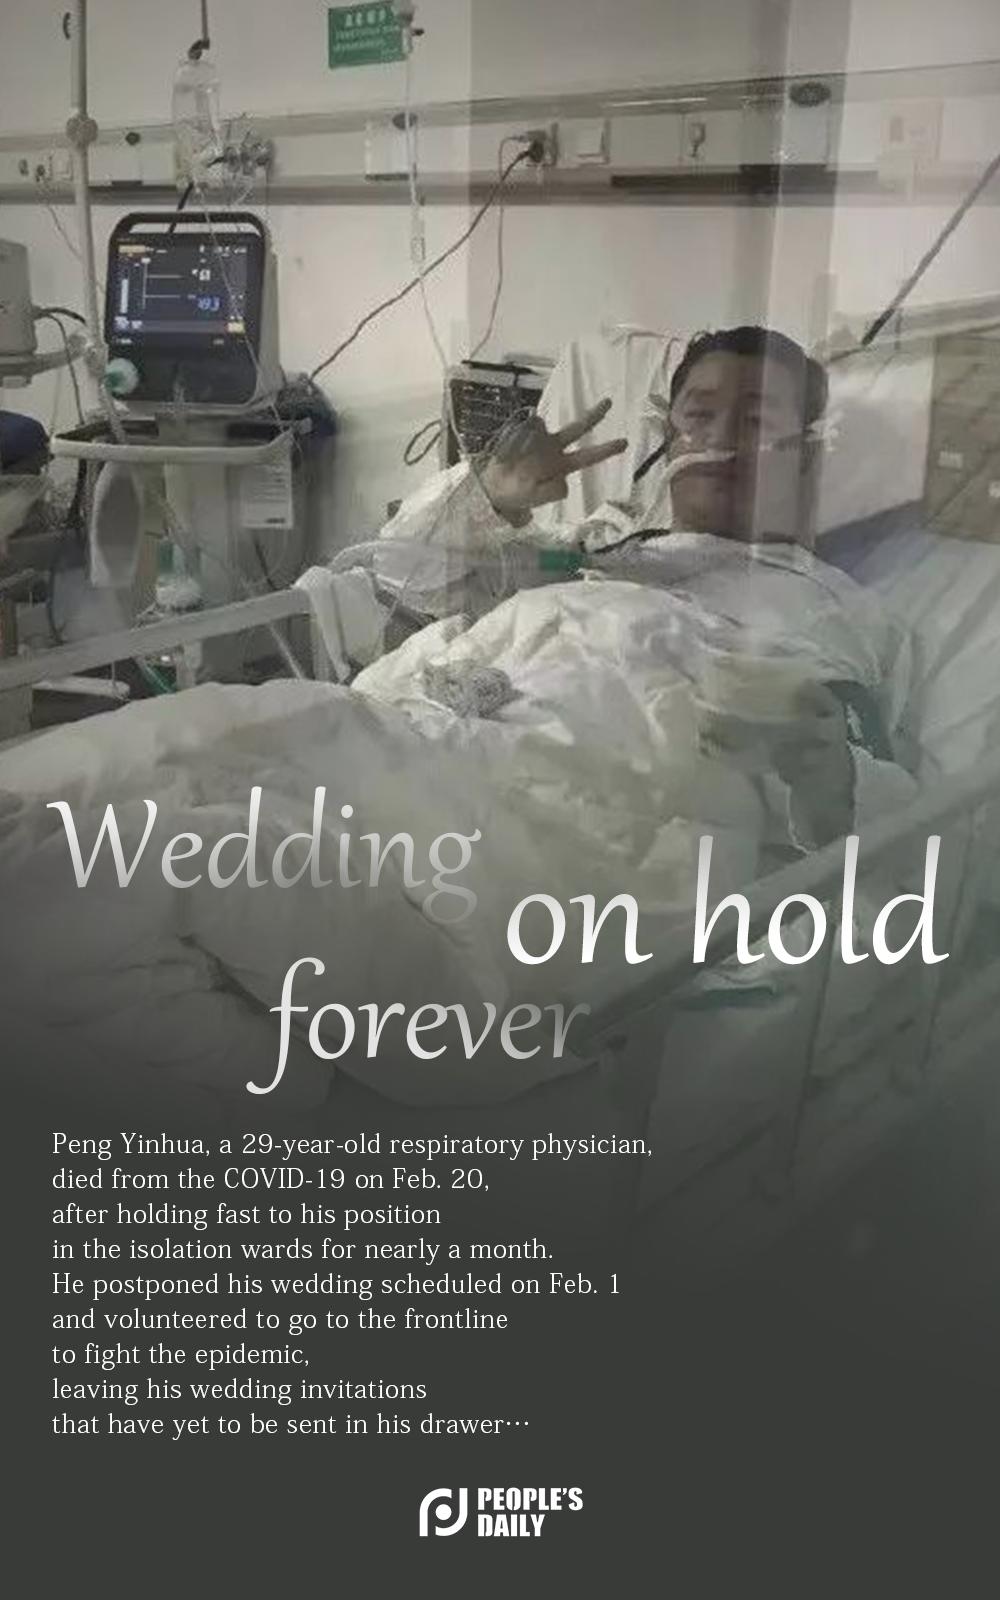 未完成的婚礼-英文.png